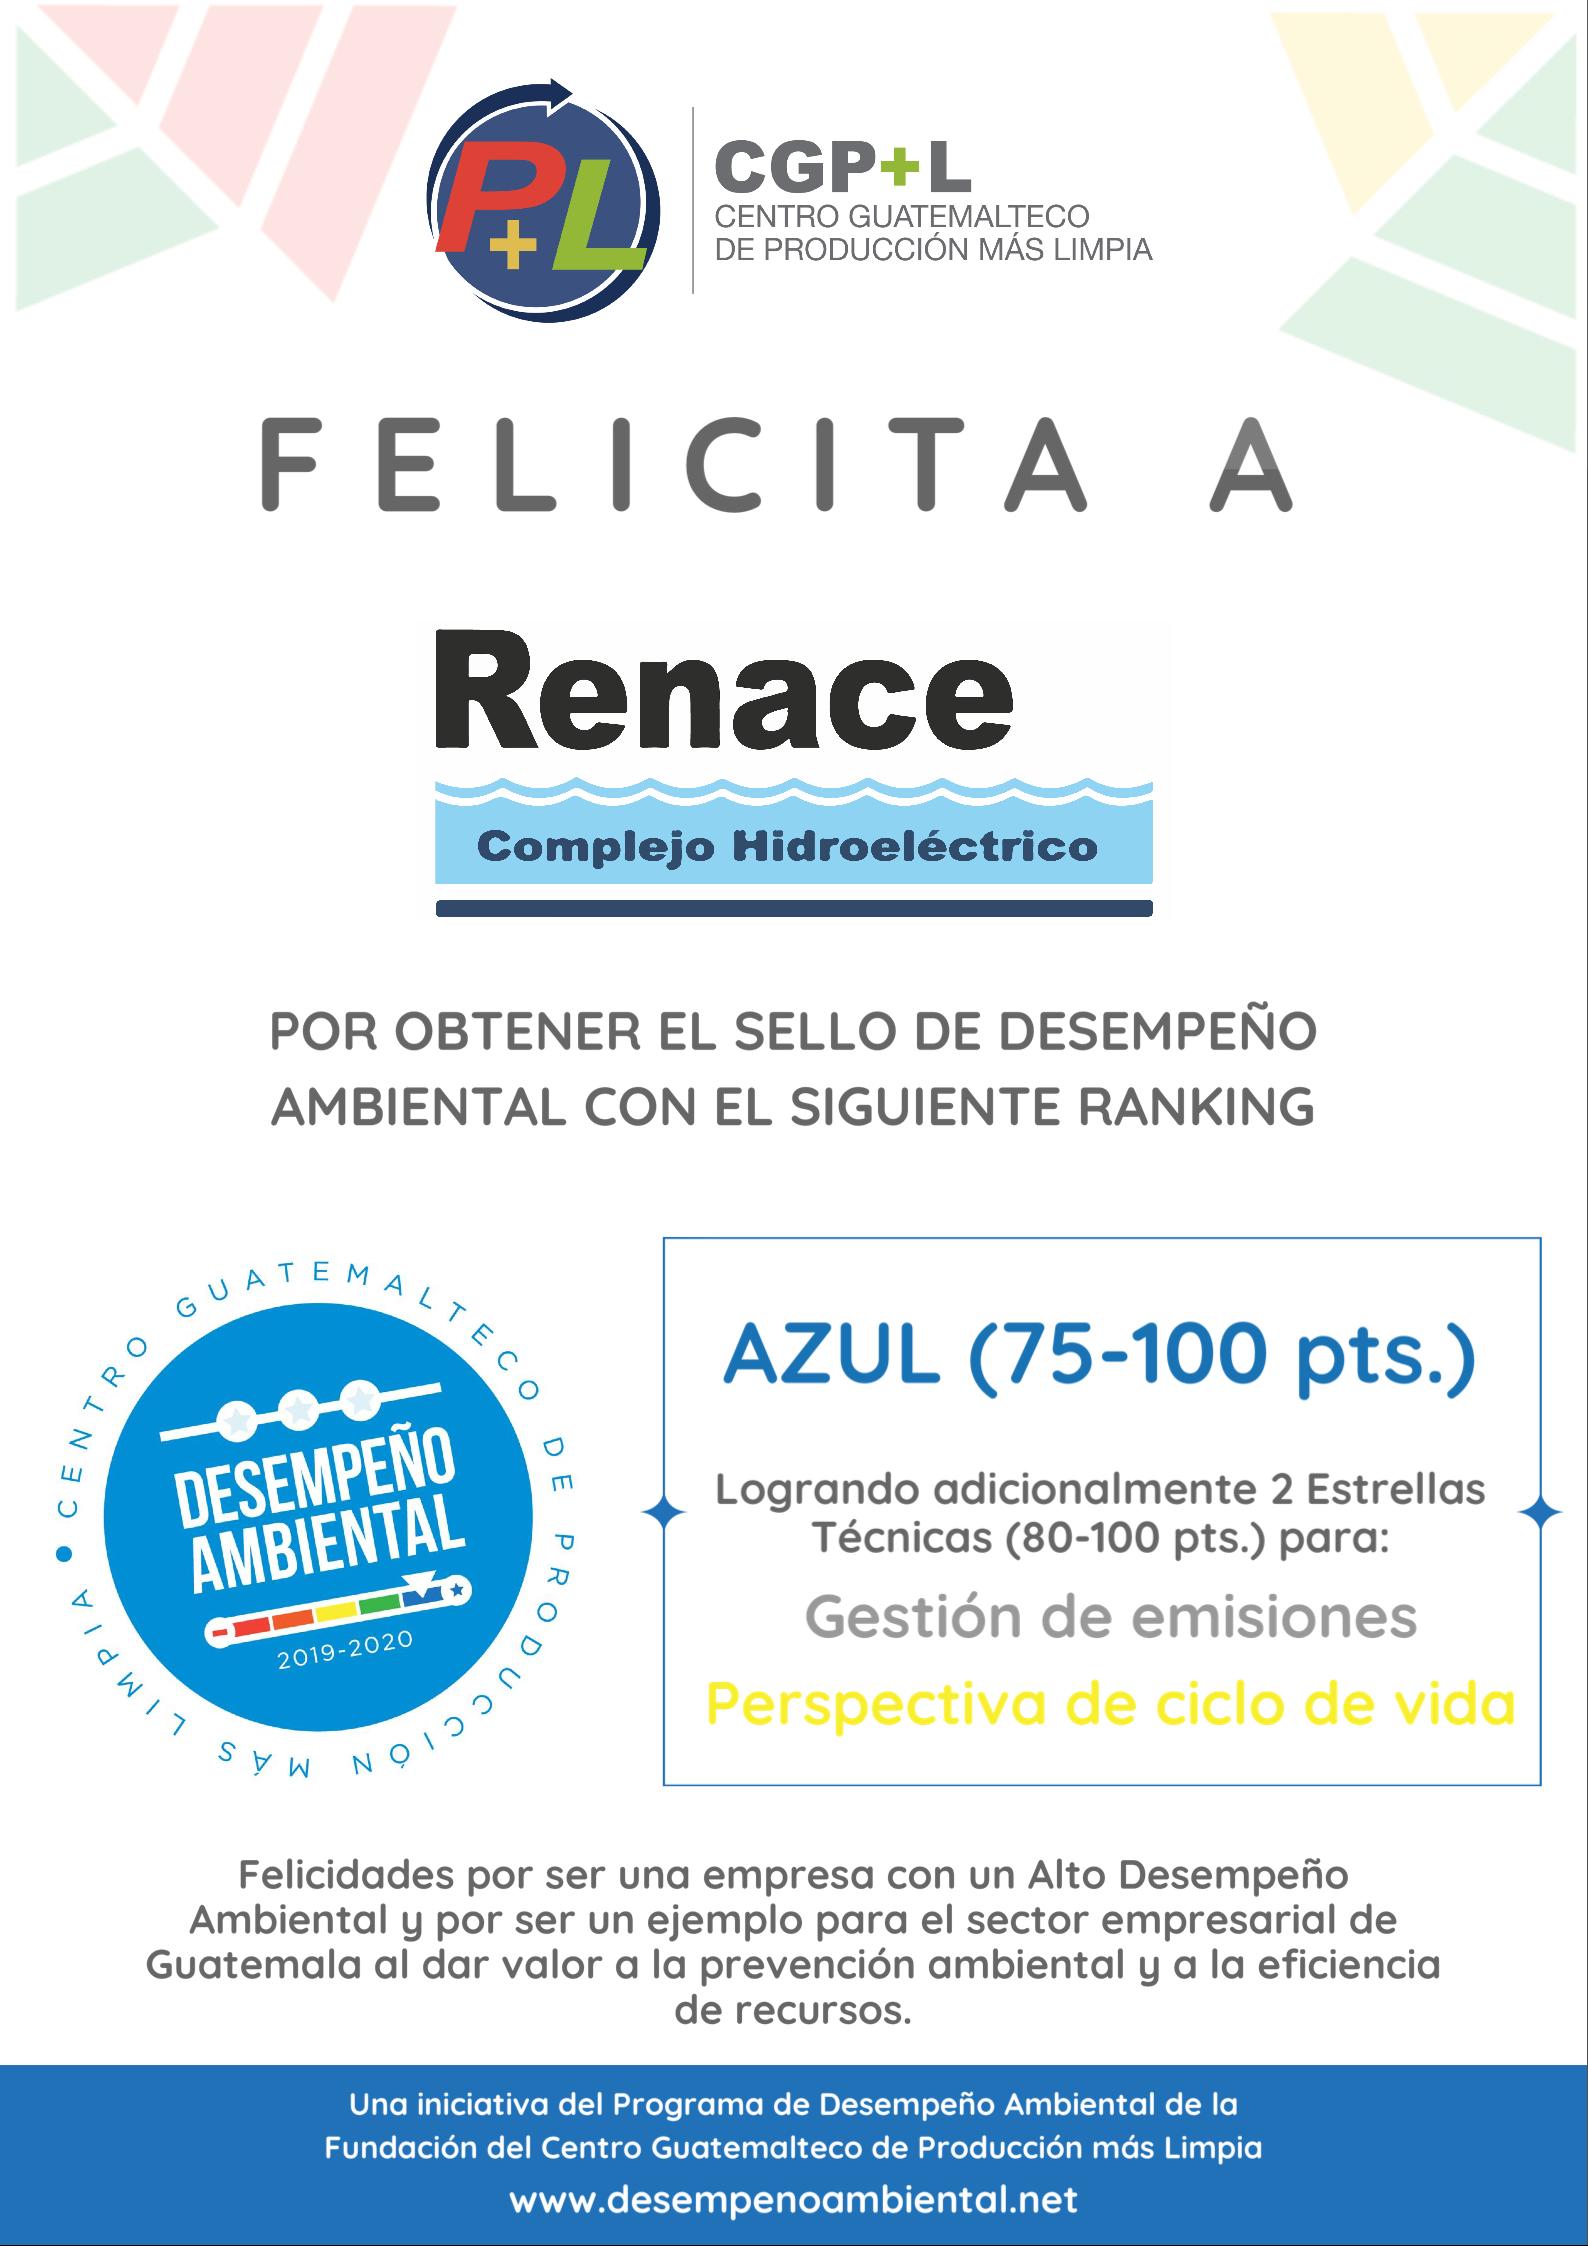 Complejo Hidroeléctrico RENACE Obtiene El Sello De Desempeño Ambiental